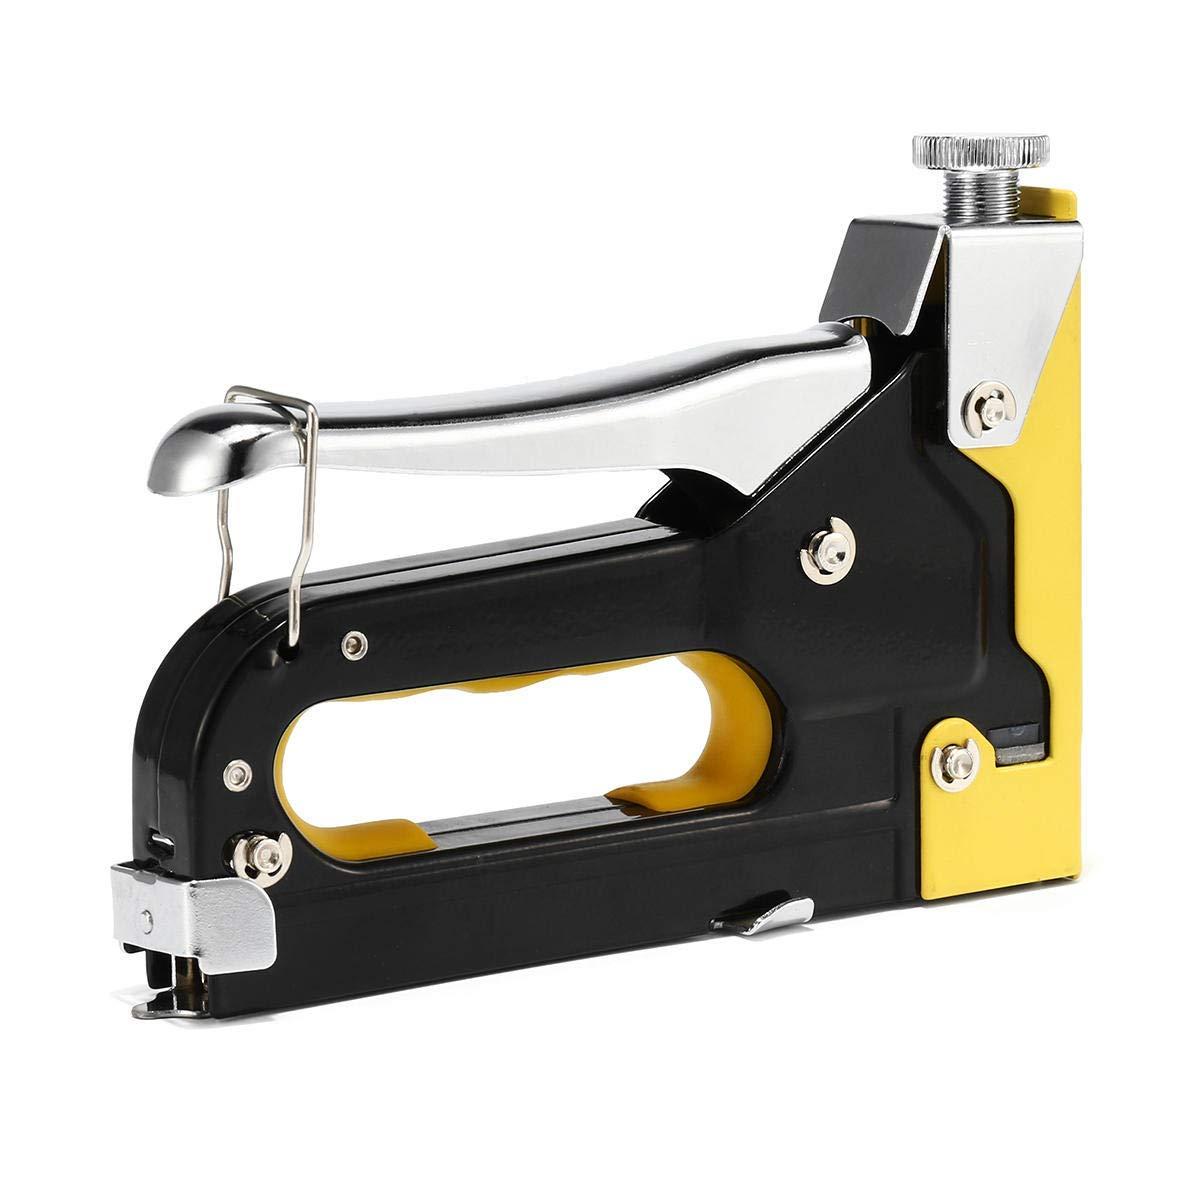 Cheap Bostitch Staple Gun Manual Find Bostitch Staple Gun Manual